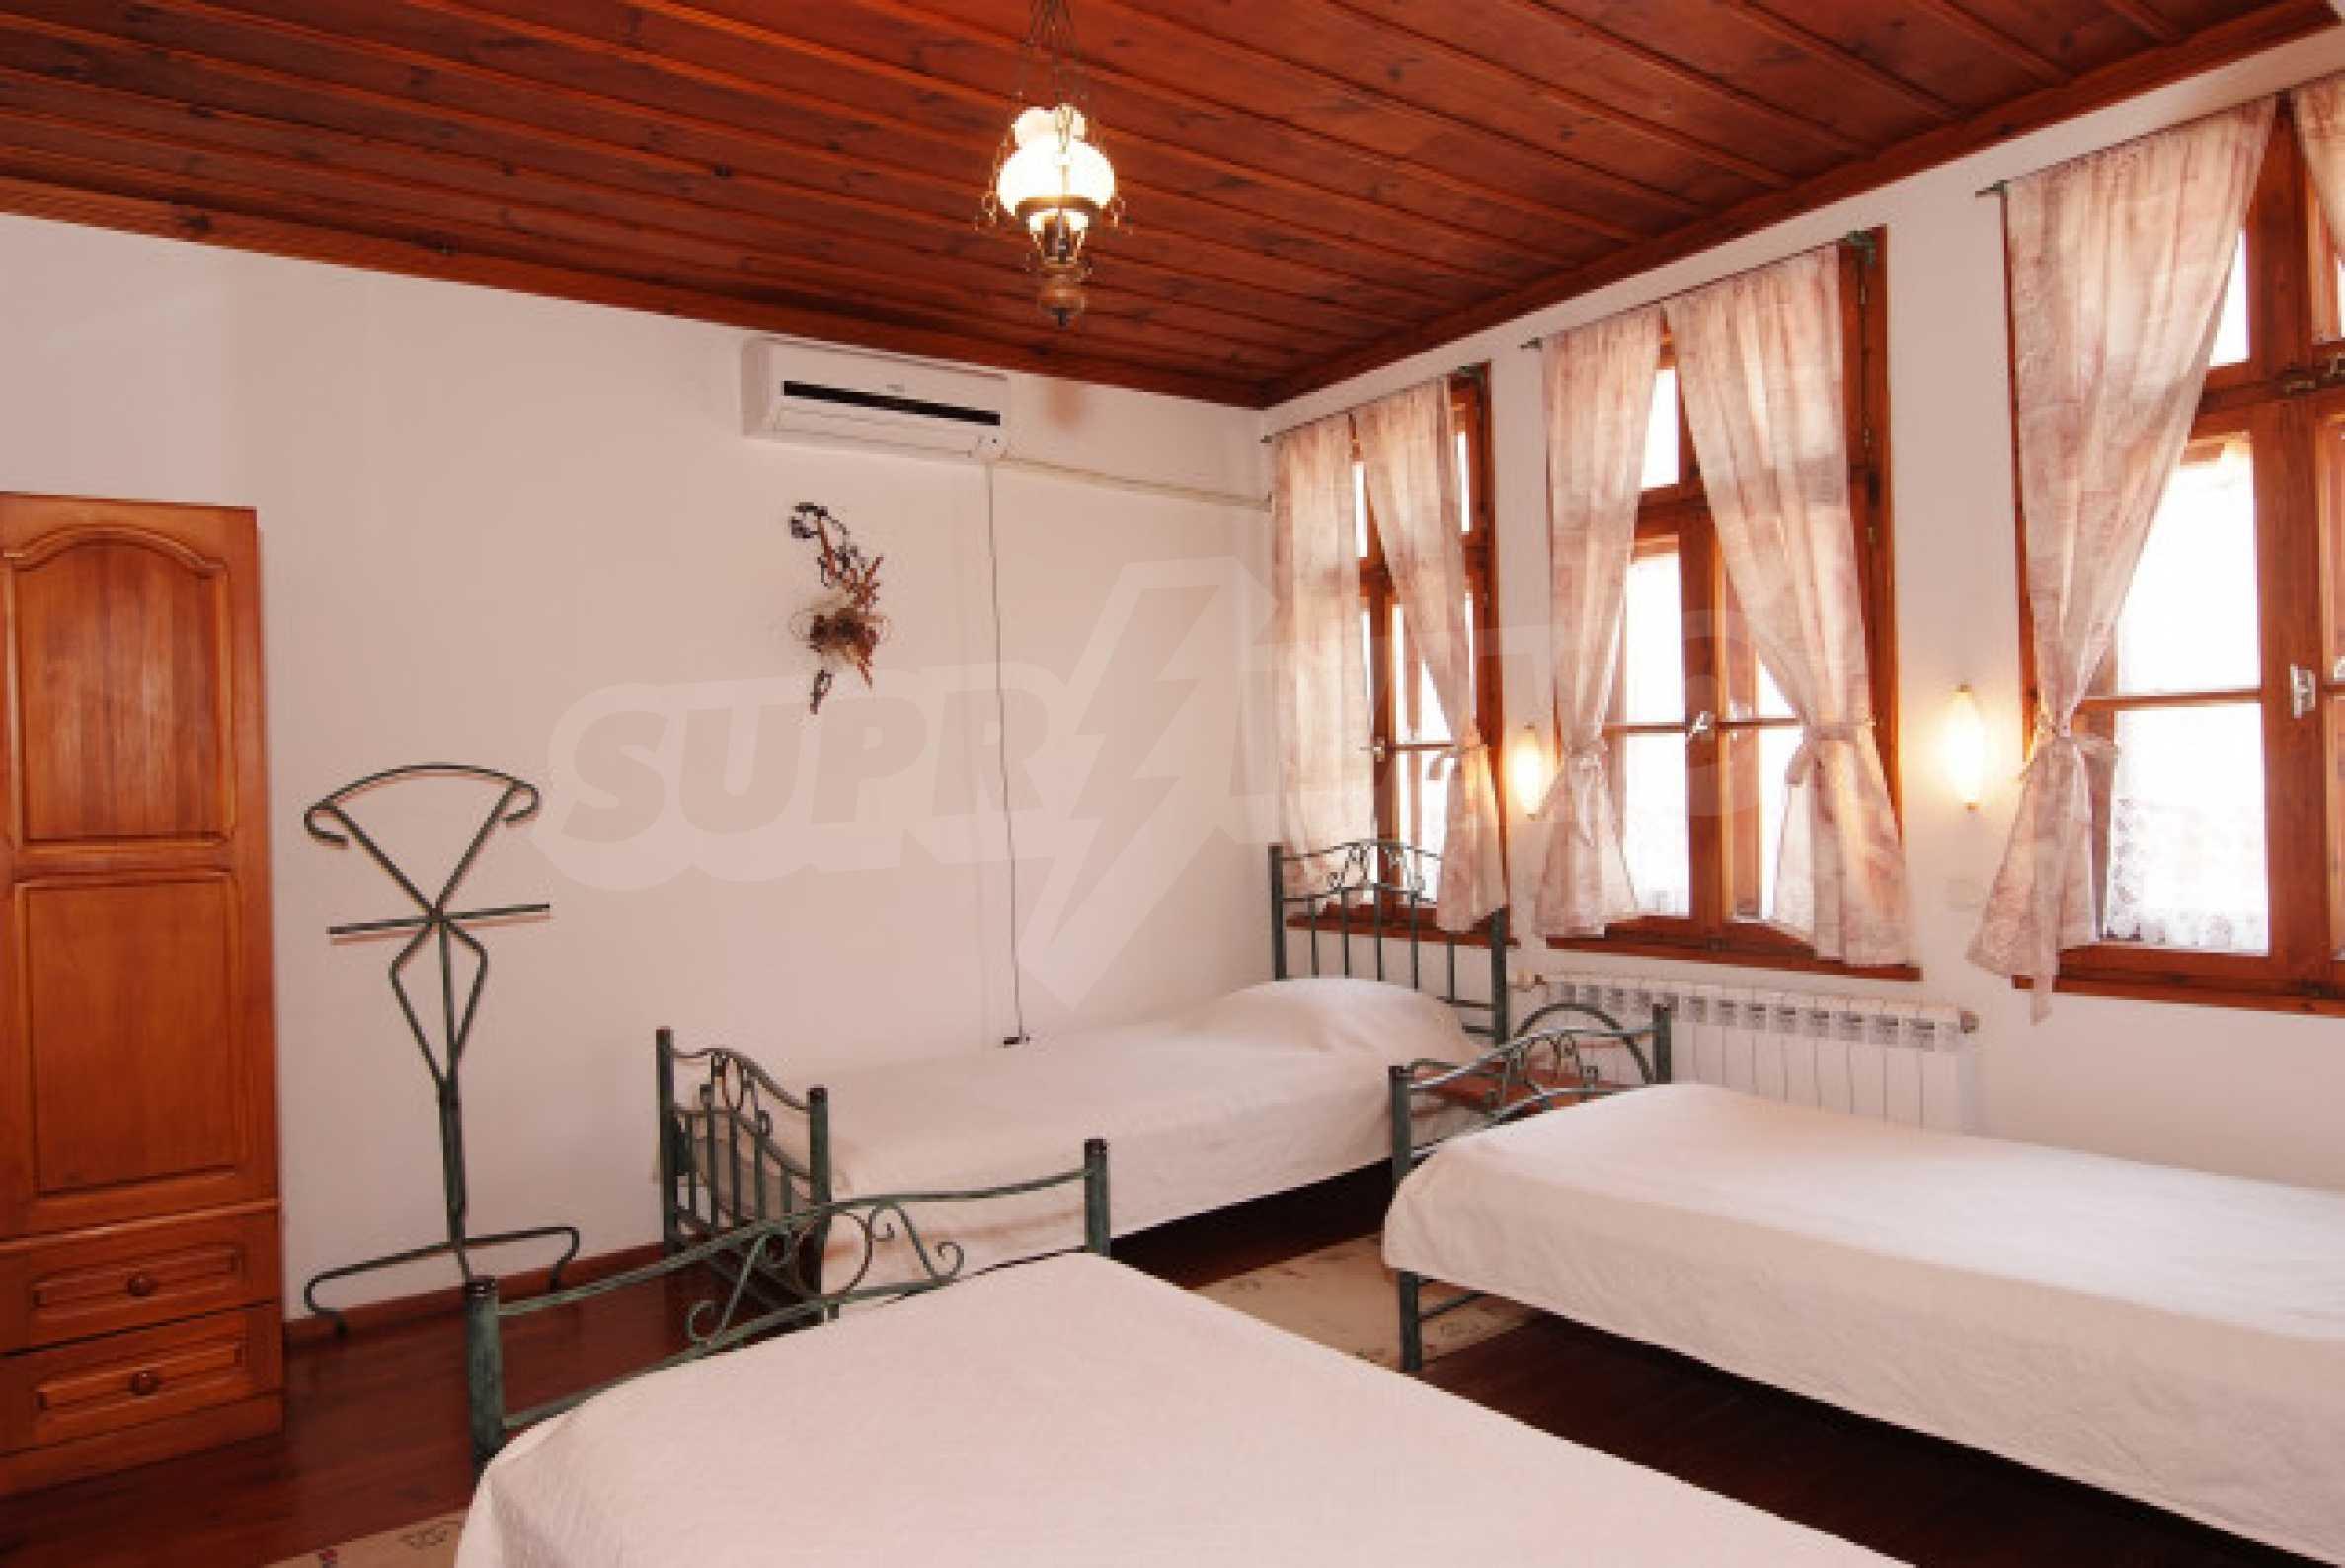 Семеен хотел в центъра на град Мелник 14